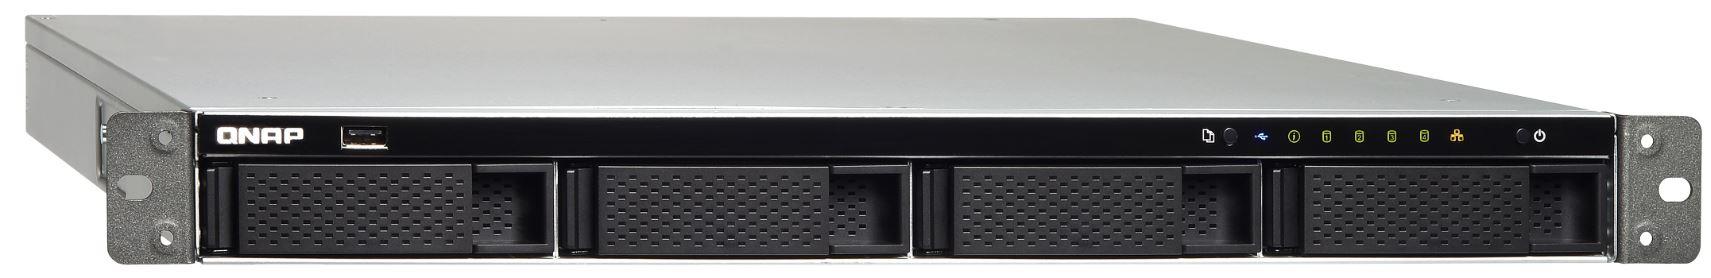 QNAP TS-463U-RP-4G (2G/4GB RAM/4xSATA)